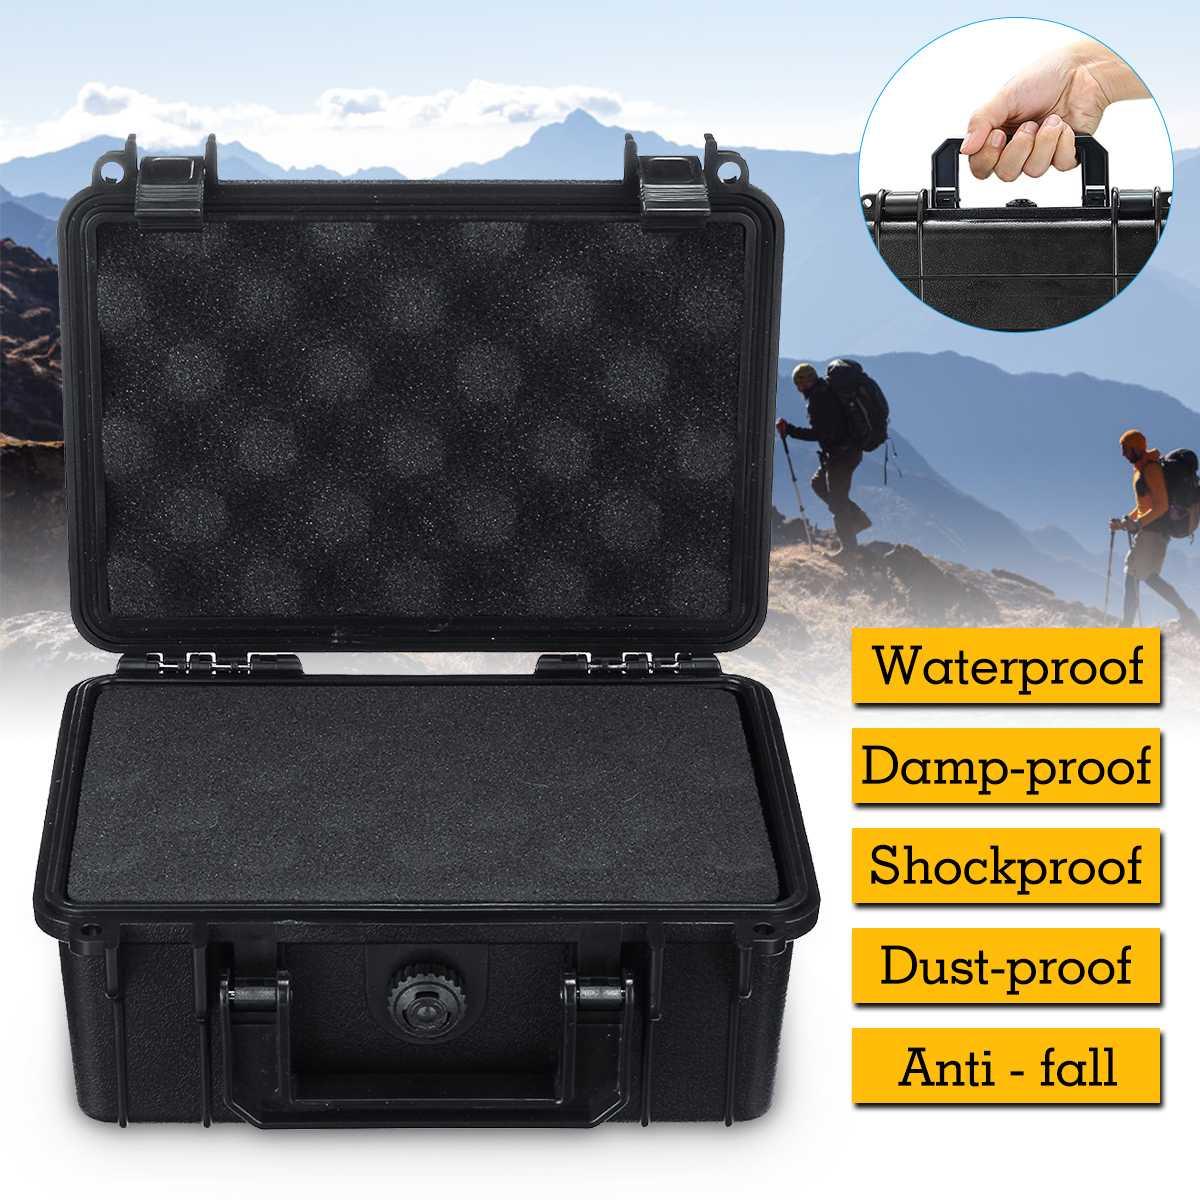 Tragbare Sicherheit Instrument Werkzeug Box Wasserdicht Stoßfest Lagerung Toolbox Versiegelt Werkzeug Fall Auswirkungen Beständig Koffer mit Schaum